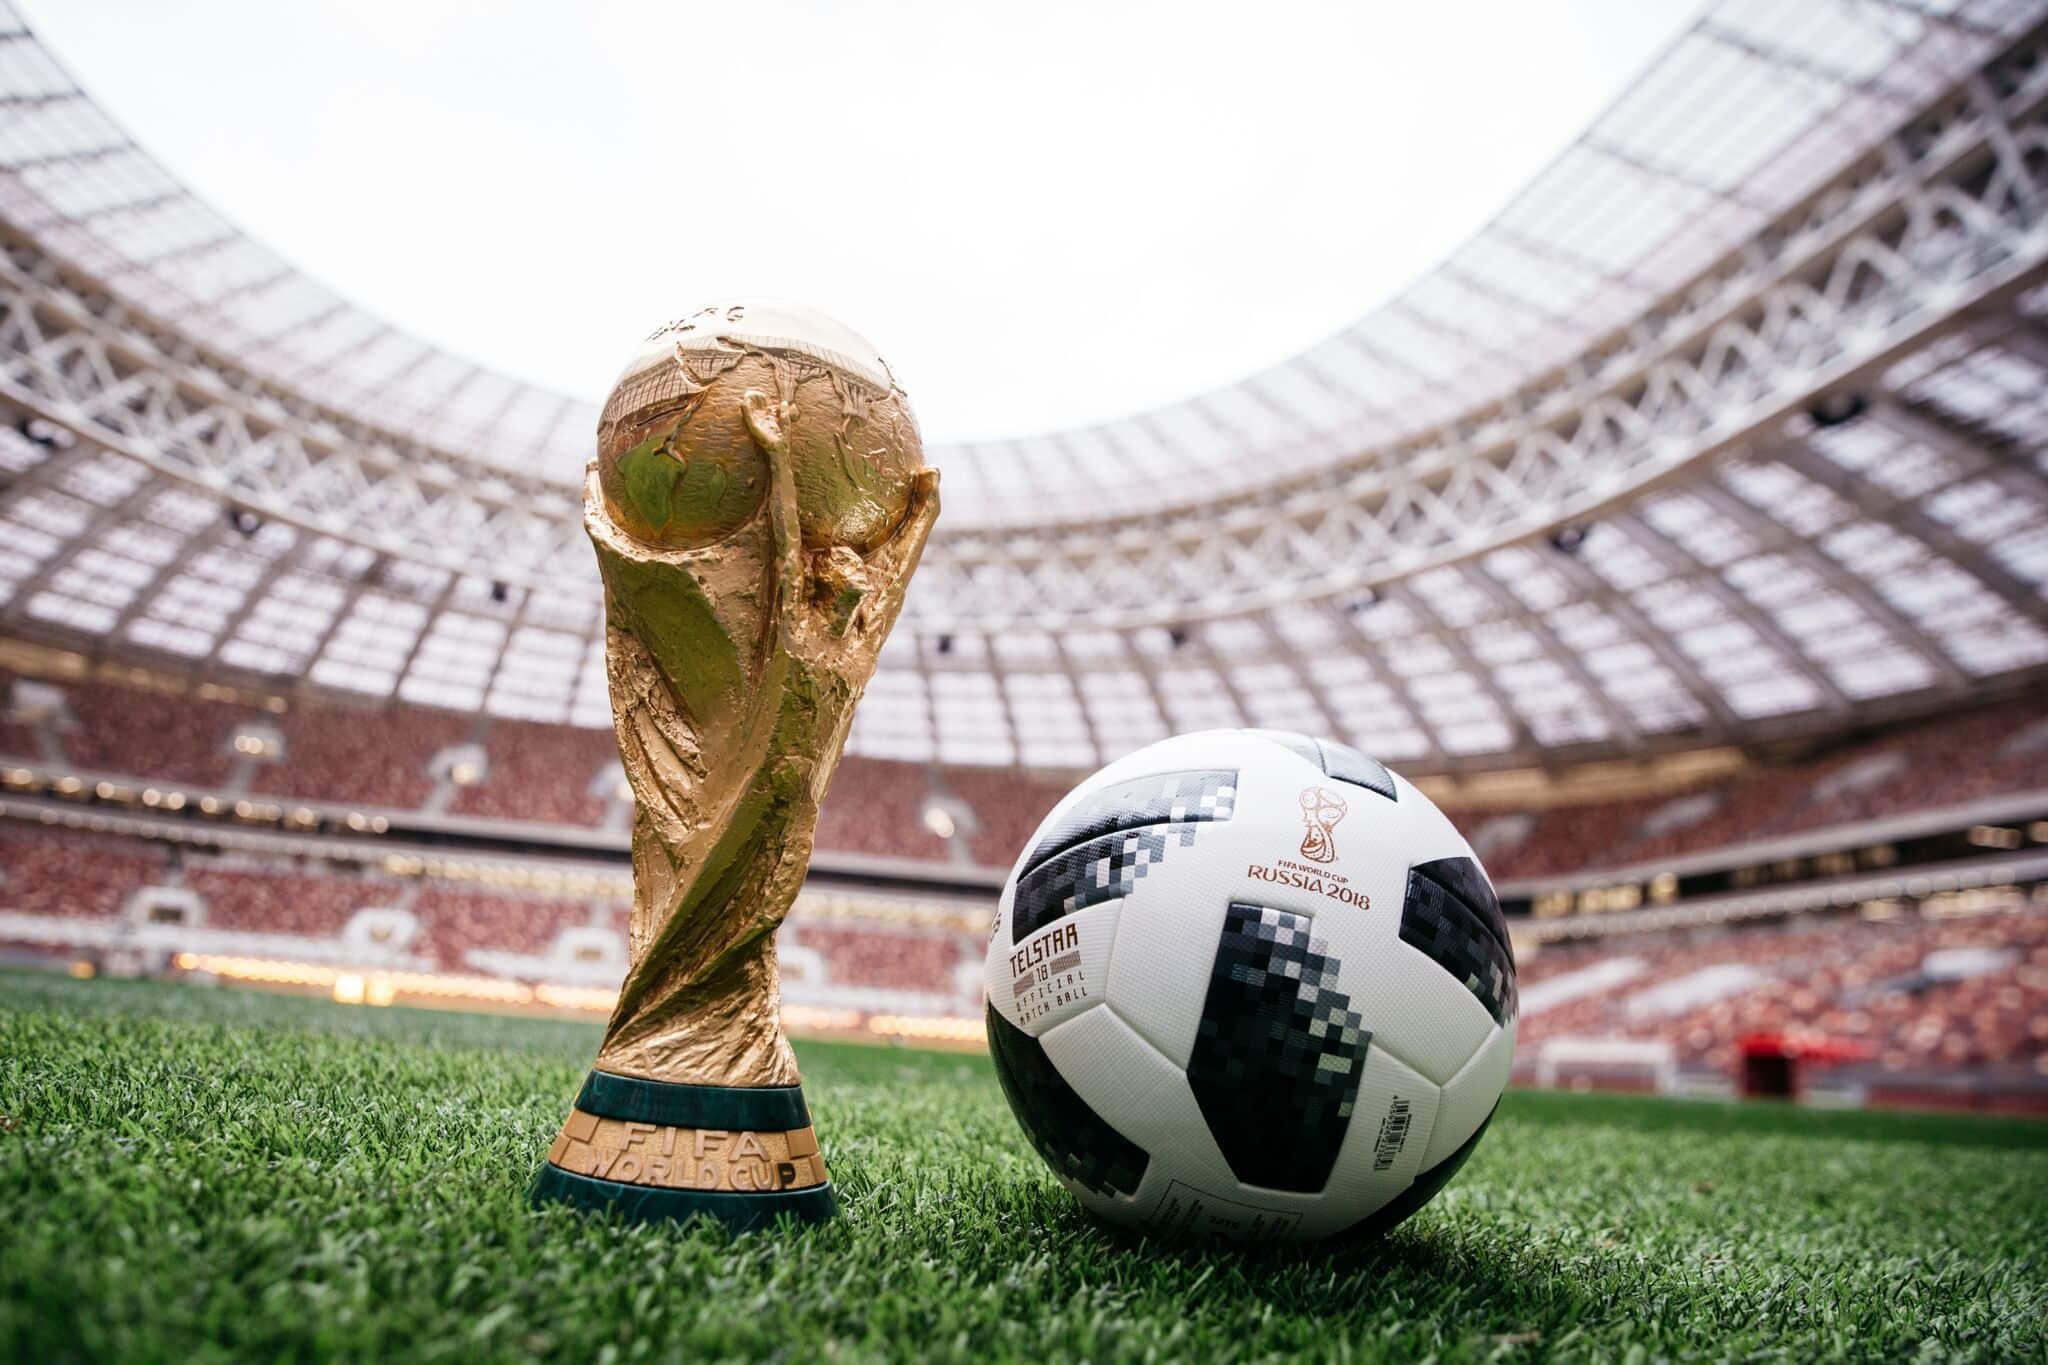 super popular a4e02 a029b adidas dévoile le ballon officiel de la Coupe du Monde 2018 en Russie !